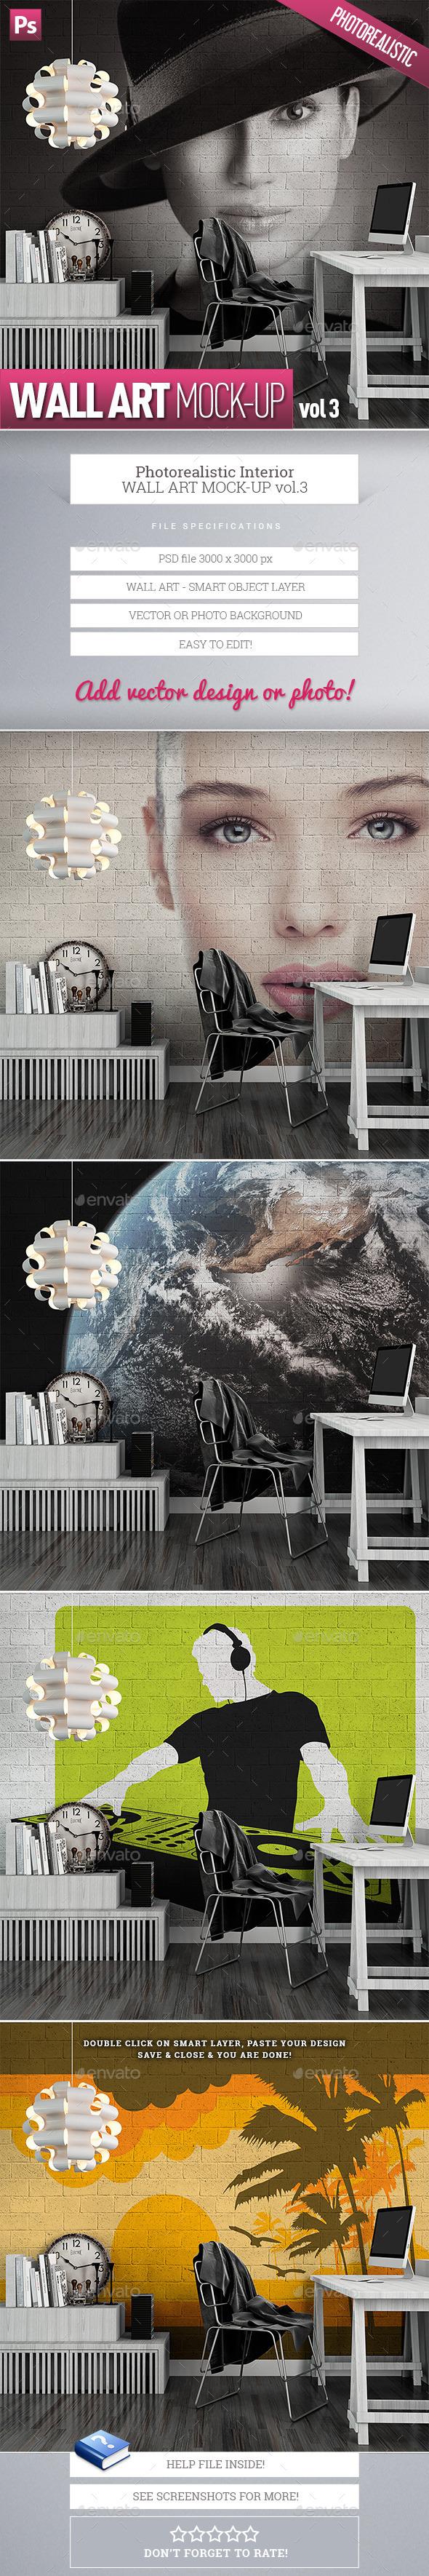 Wall Art Mock-Up vol.3 - Product Mock-Ups Graphics